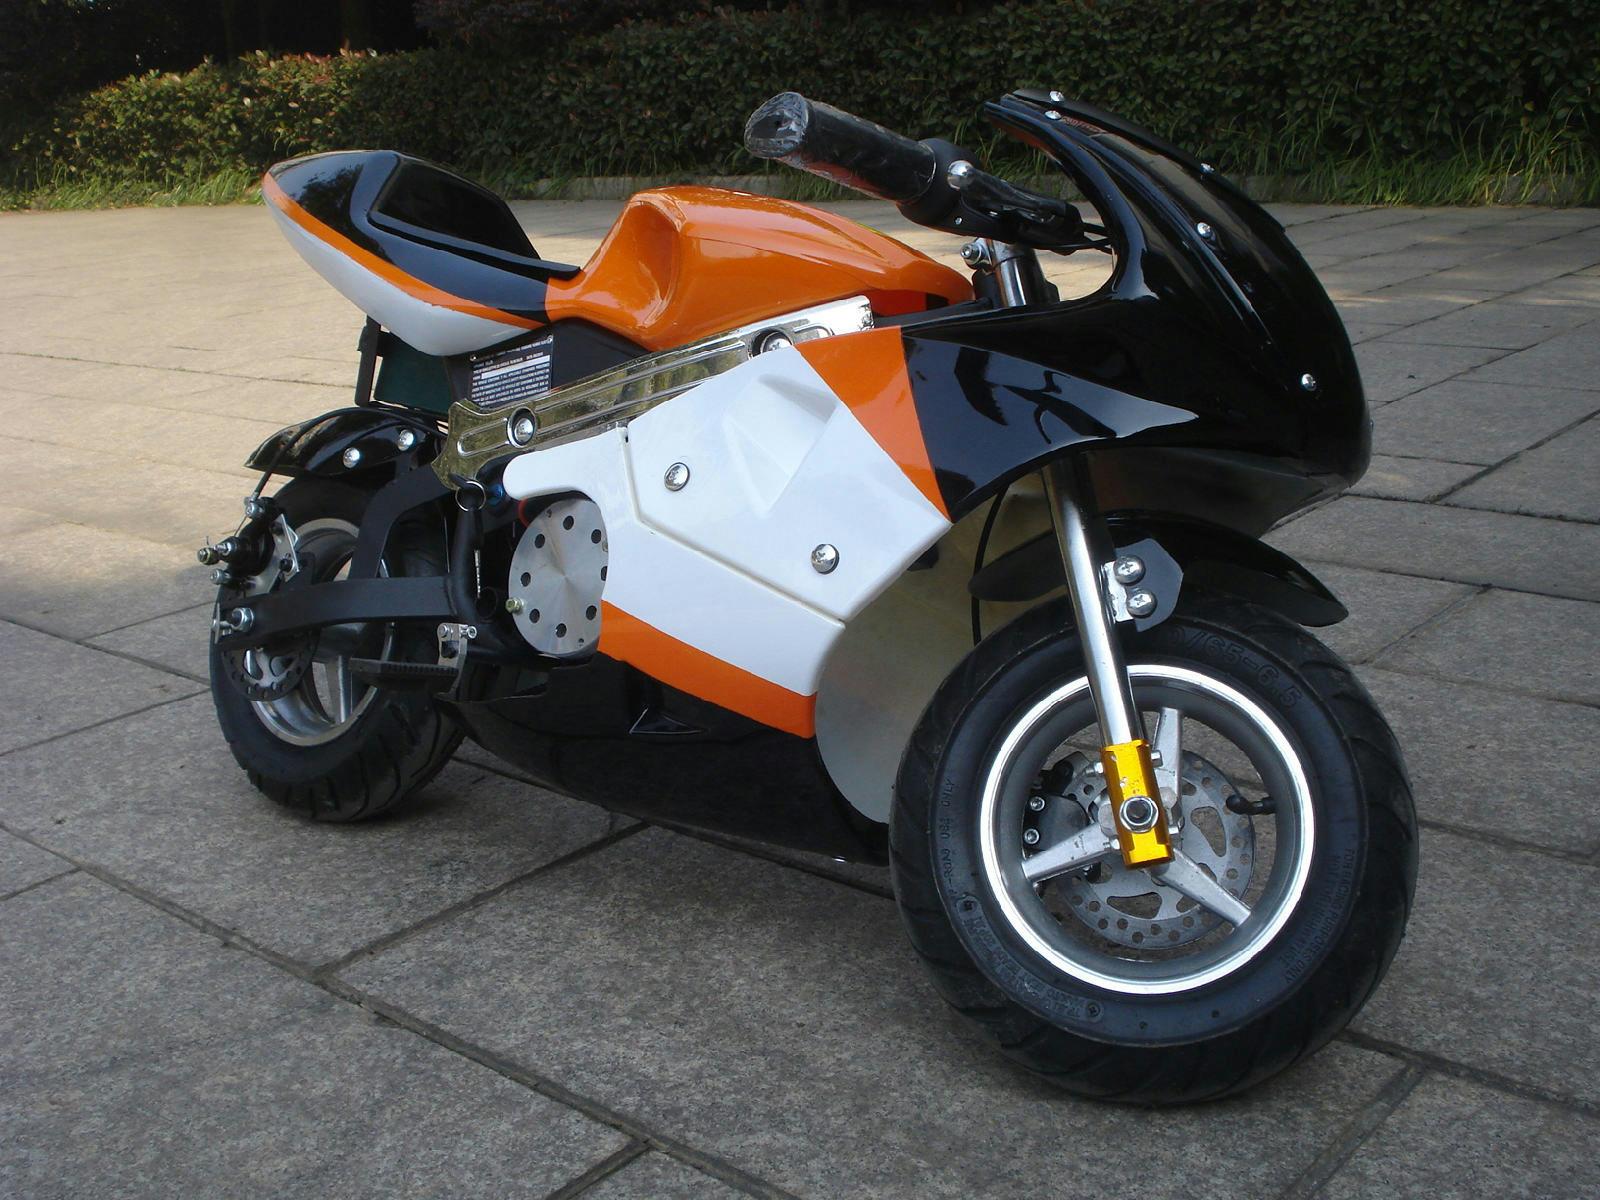 mini pocket rocket bike motorcycle electric 1000w ebay. Black Bedroom Furniture Sets. Home Design Ideas